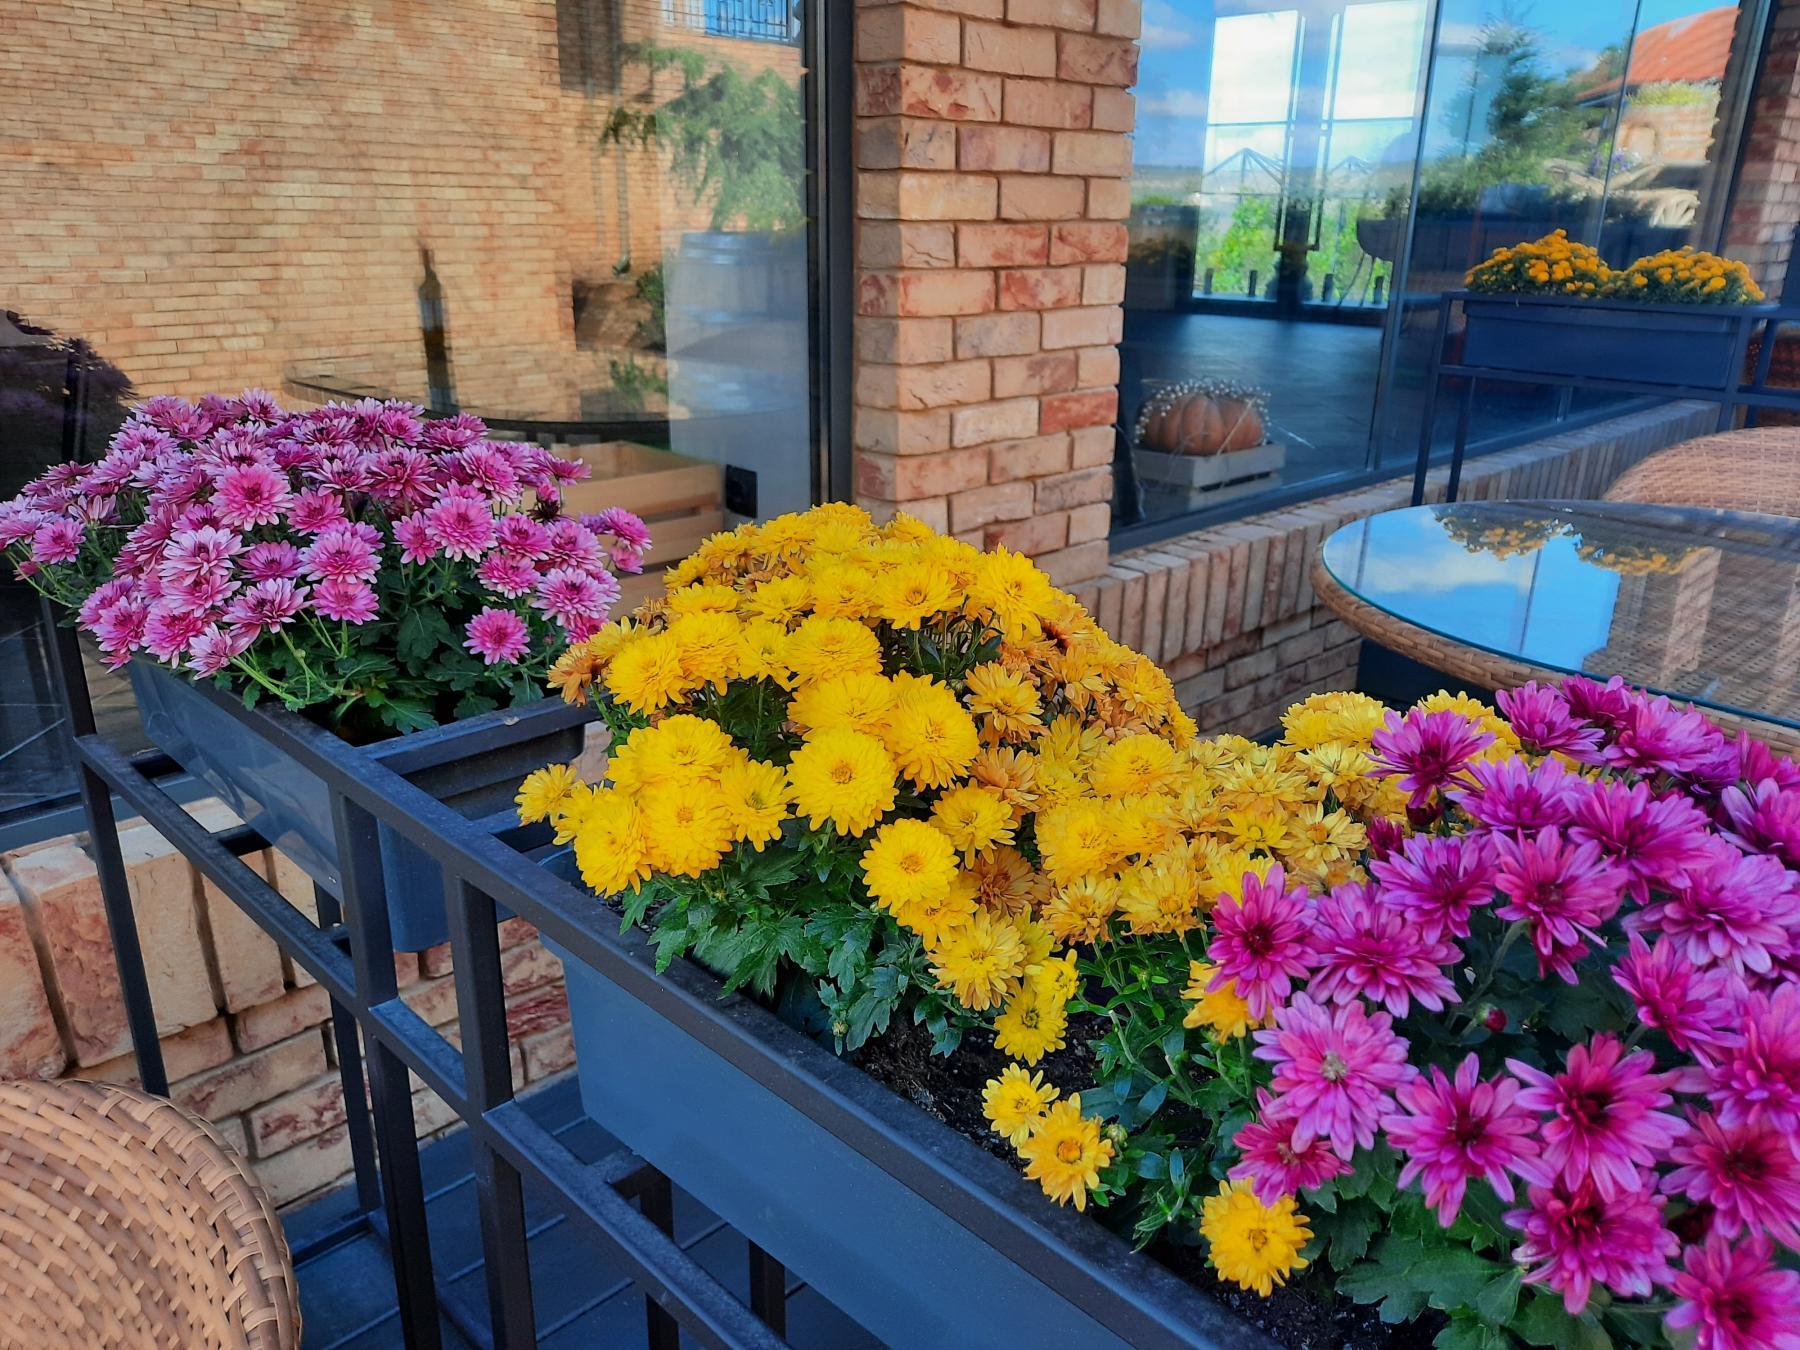 фото Аллергия на весну: как живут люди с реакцией на цветение 2